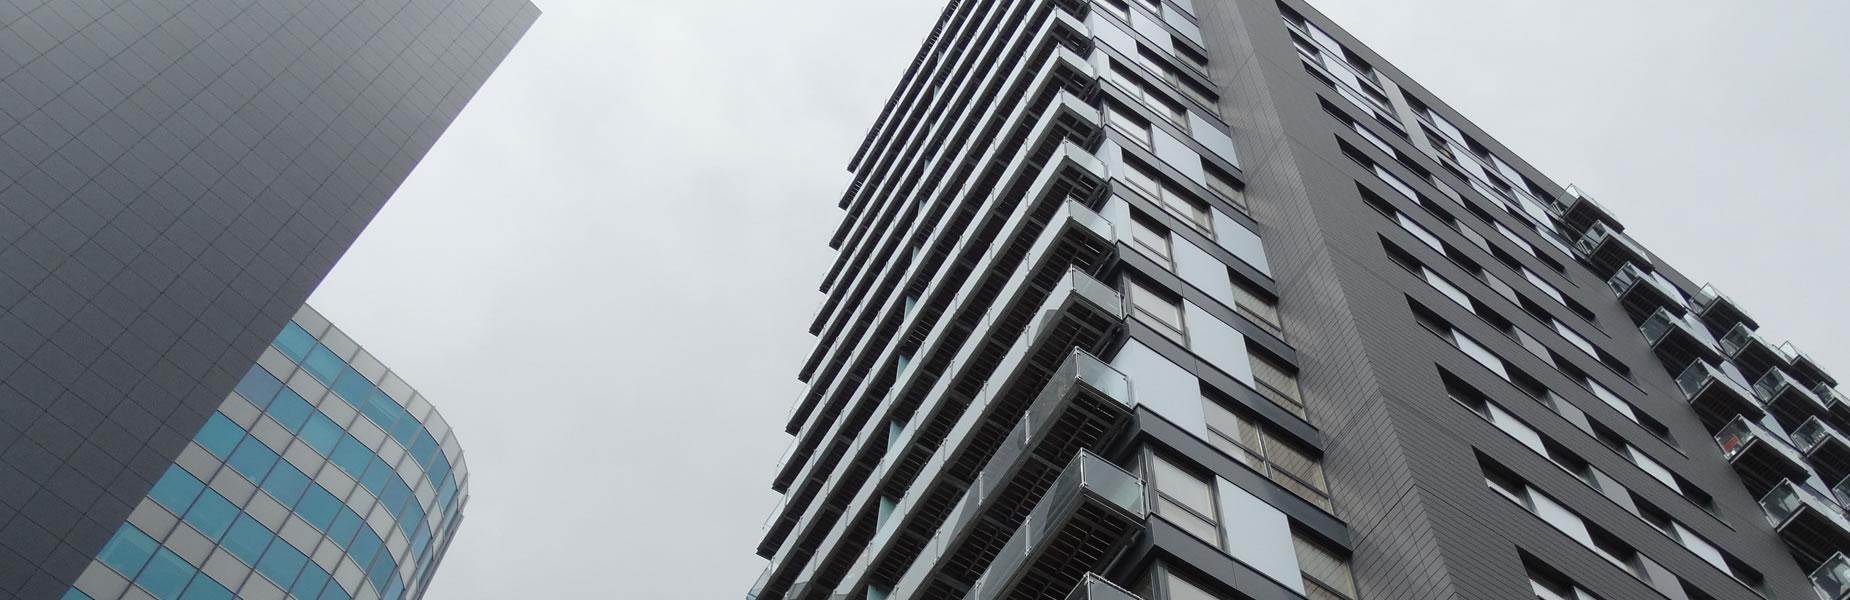 slide-1-background-large-buildings-grey-sky